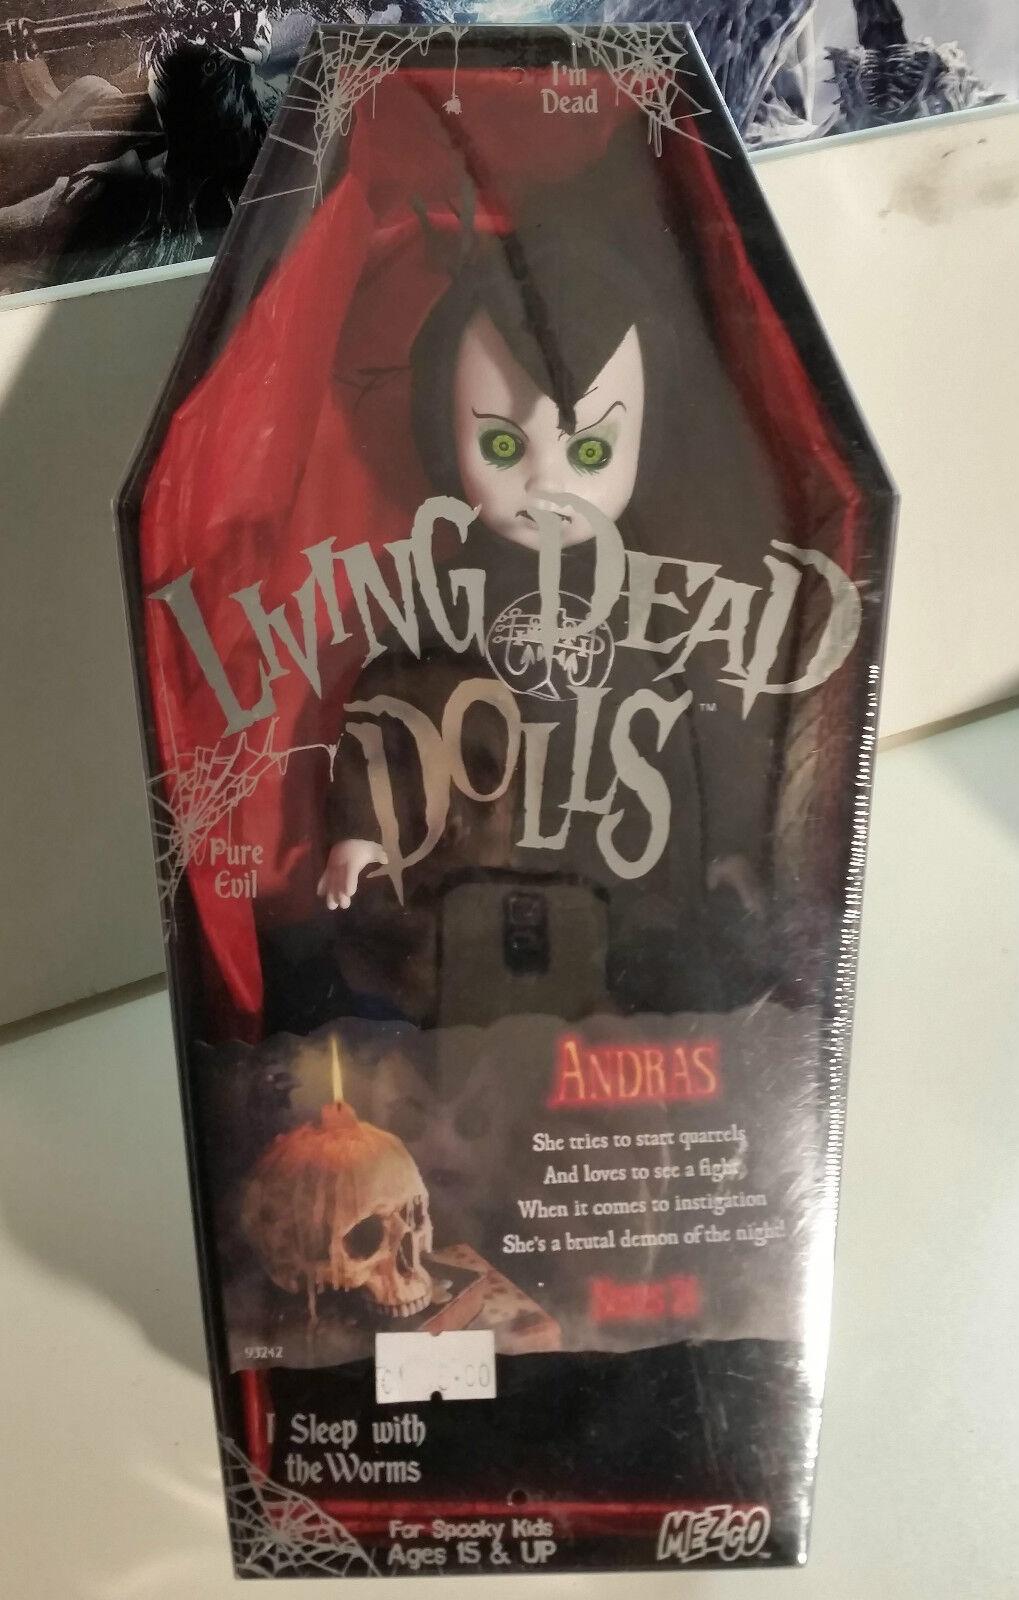 Living  Dead bambolas Serie 24 eras Mezco giocattoloz NUOVA  in vendita scontato del 70%